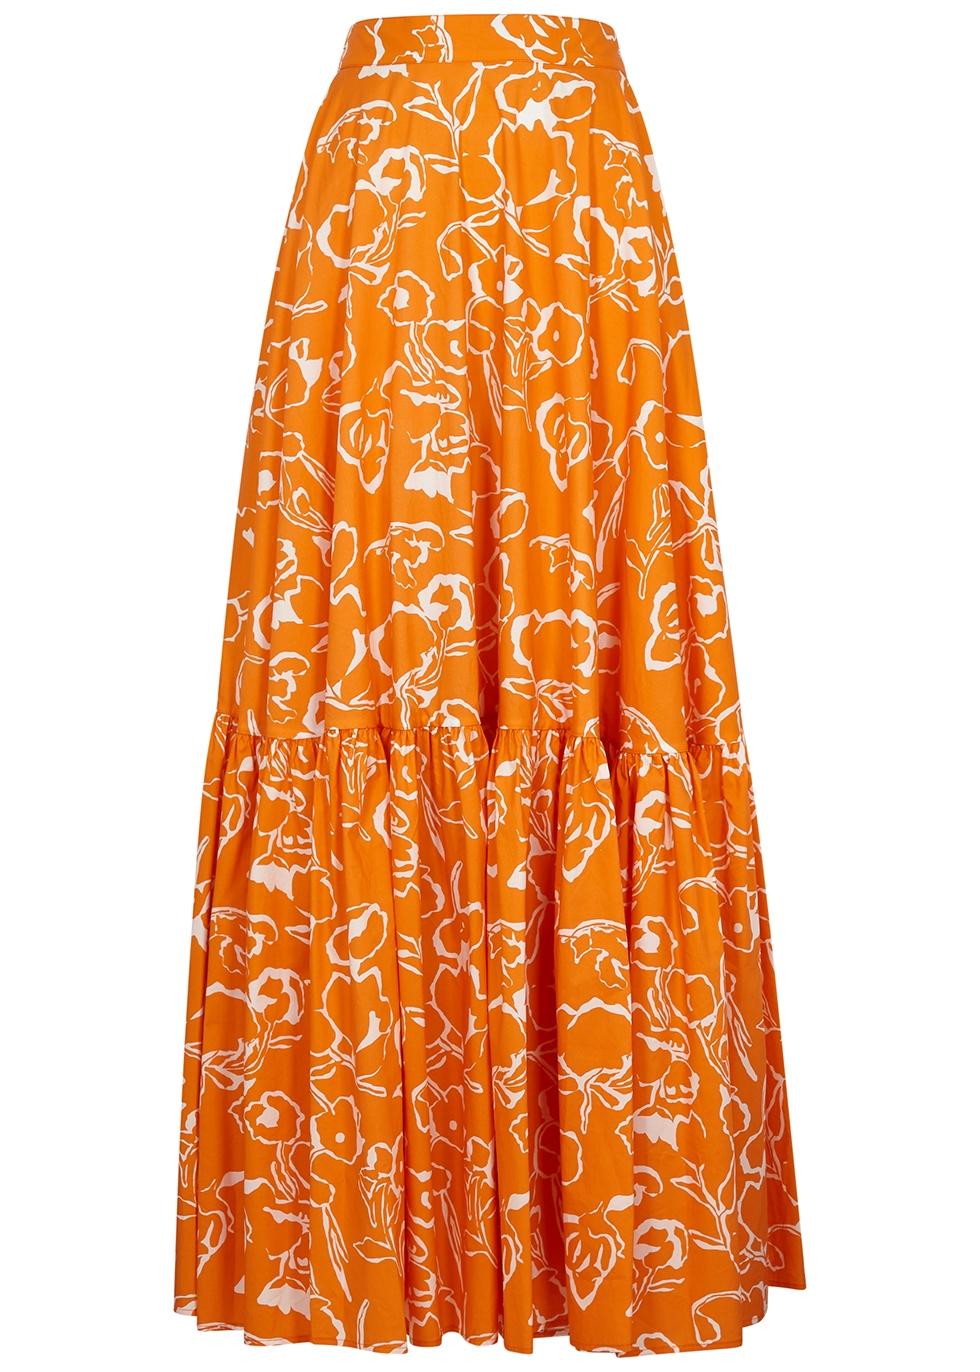 Orange printed cotton maxi skirt